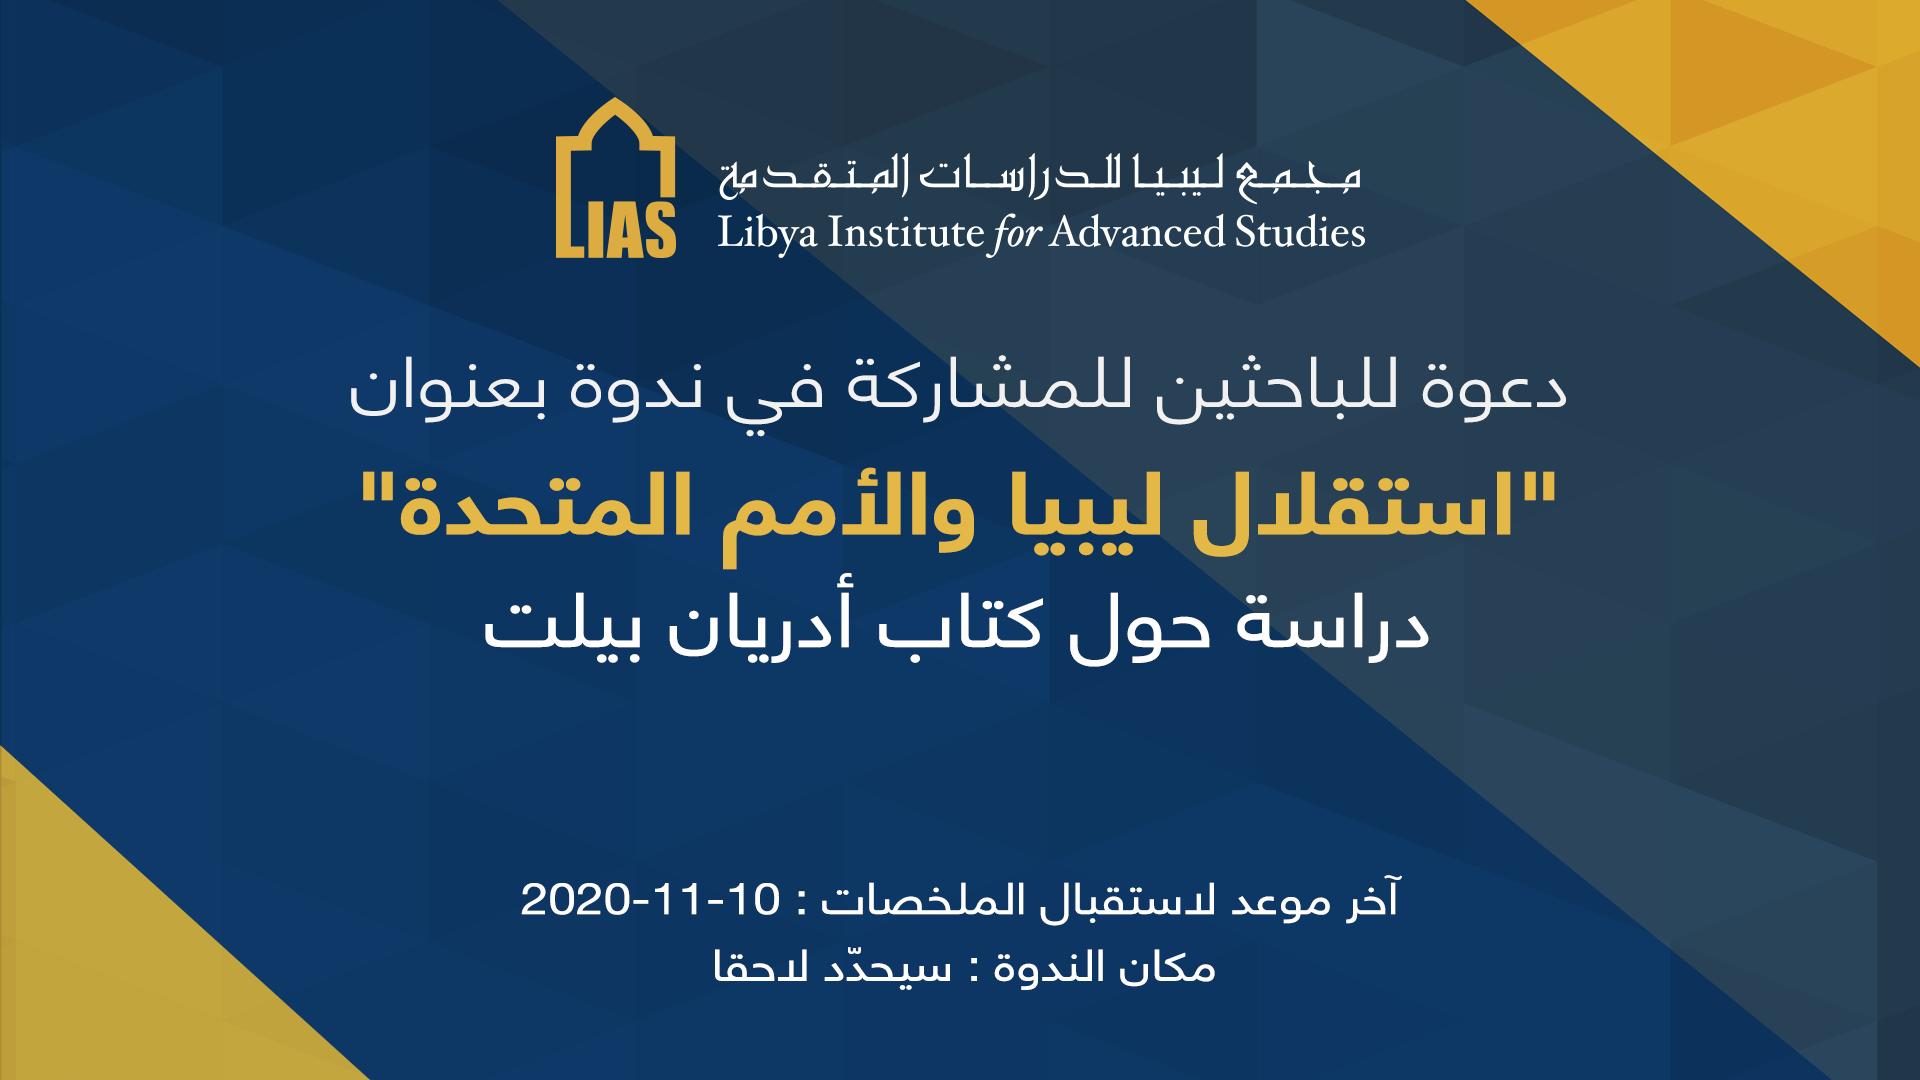 ندوة استقلال ليبيا والأمم المتحدة